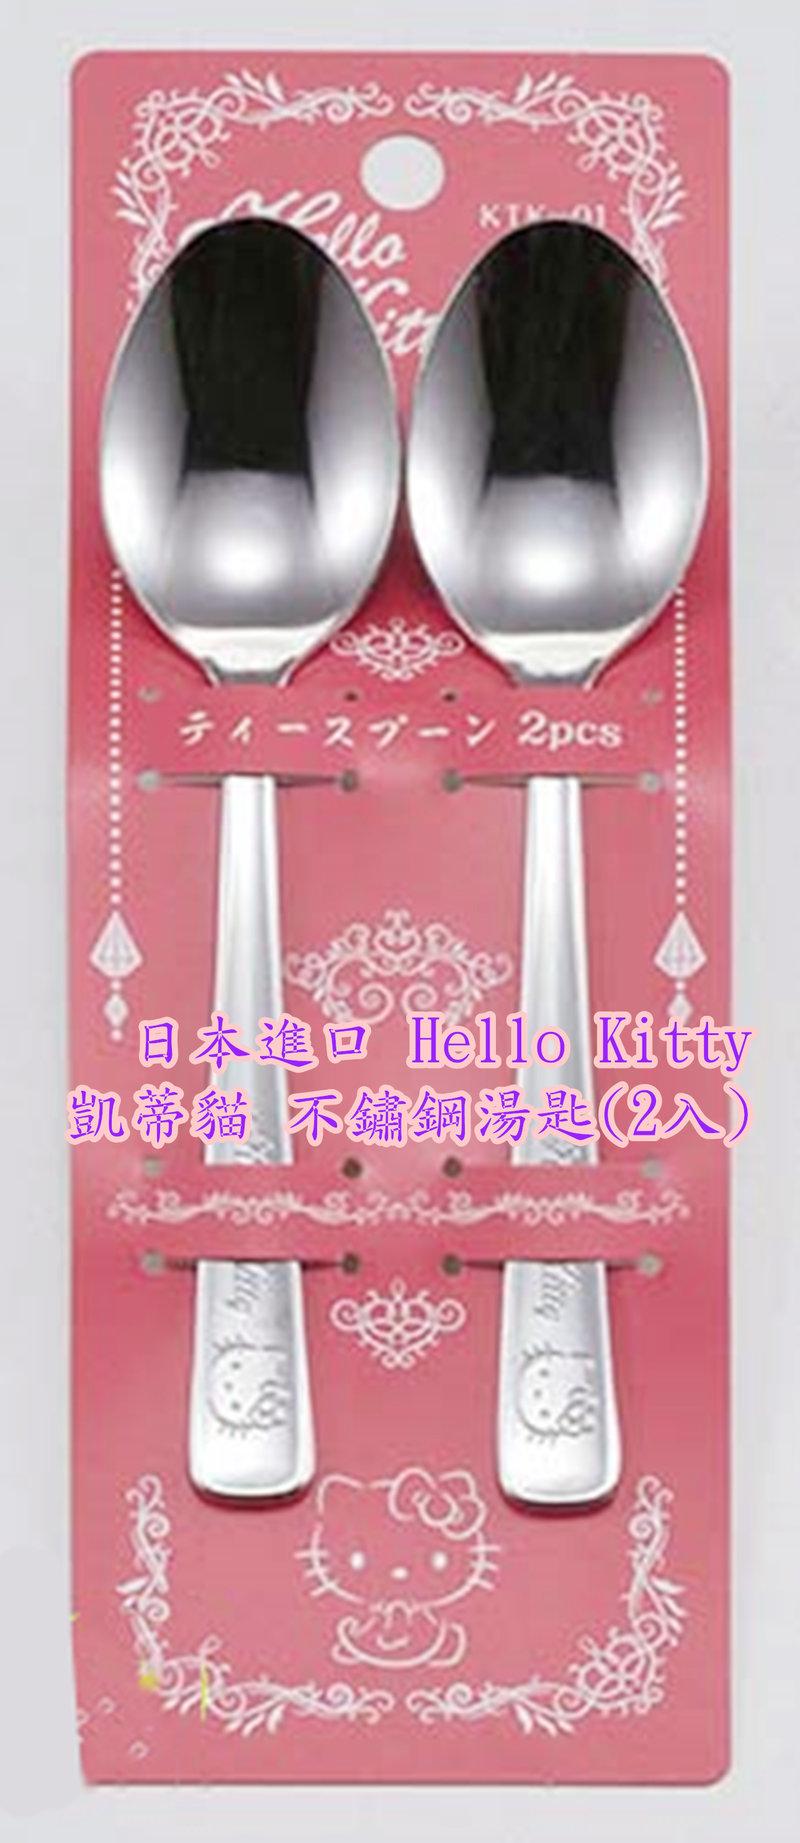 日本進口 經典 KT 不鏽鋼湯匙組